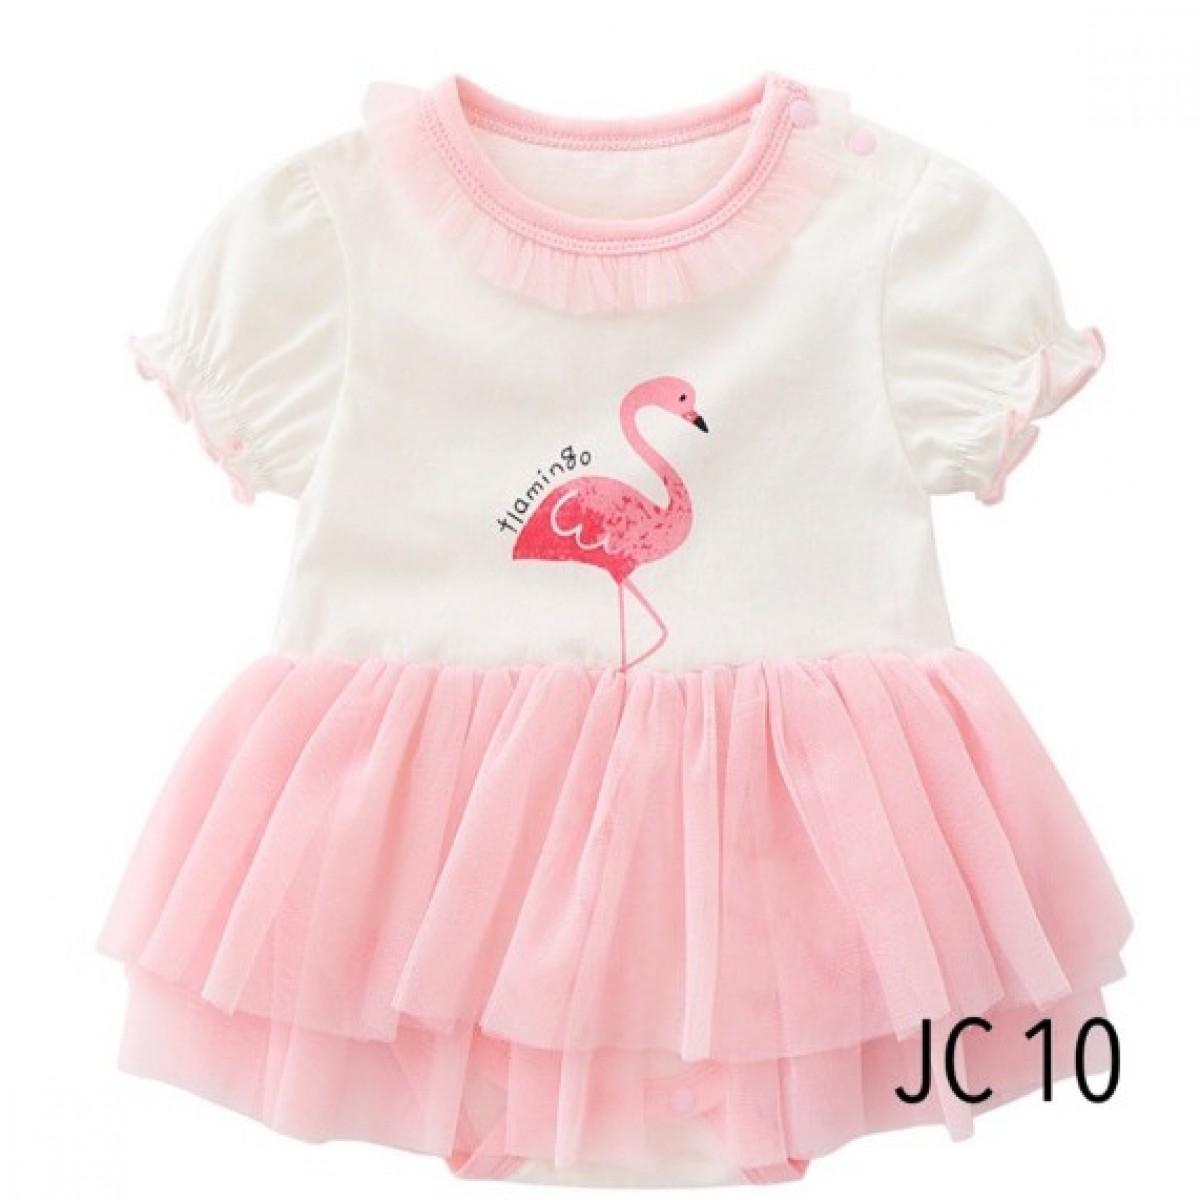 JC10-14 Jumper Tutu Bayi - Bunda Ina Shop